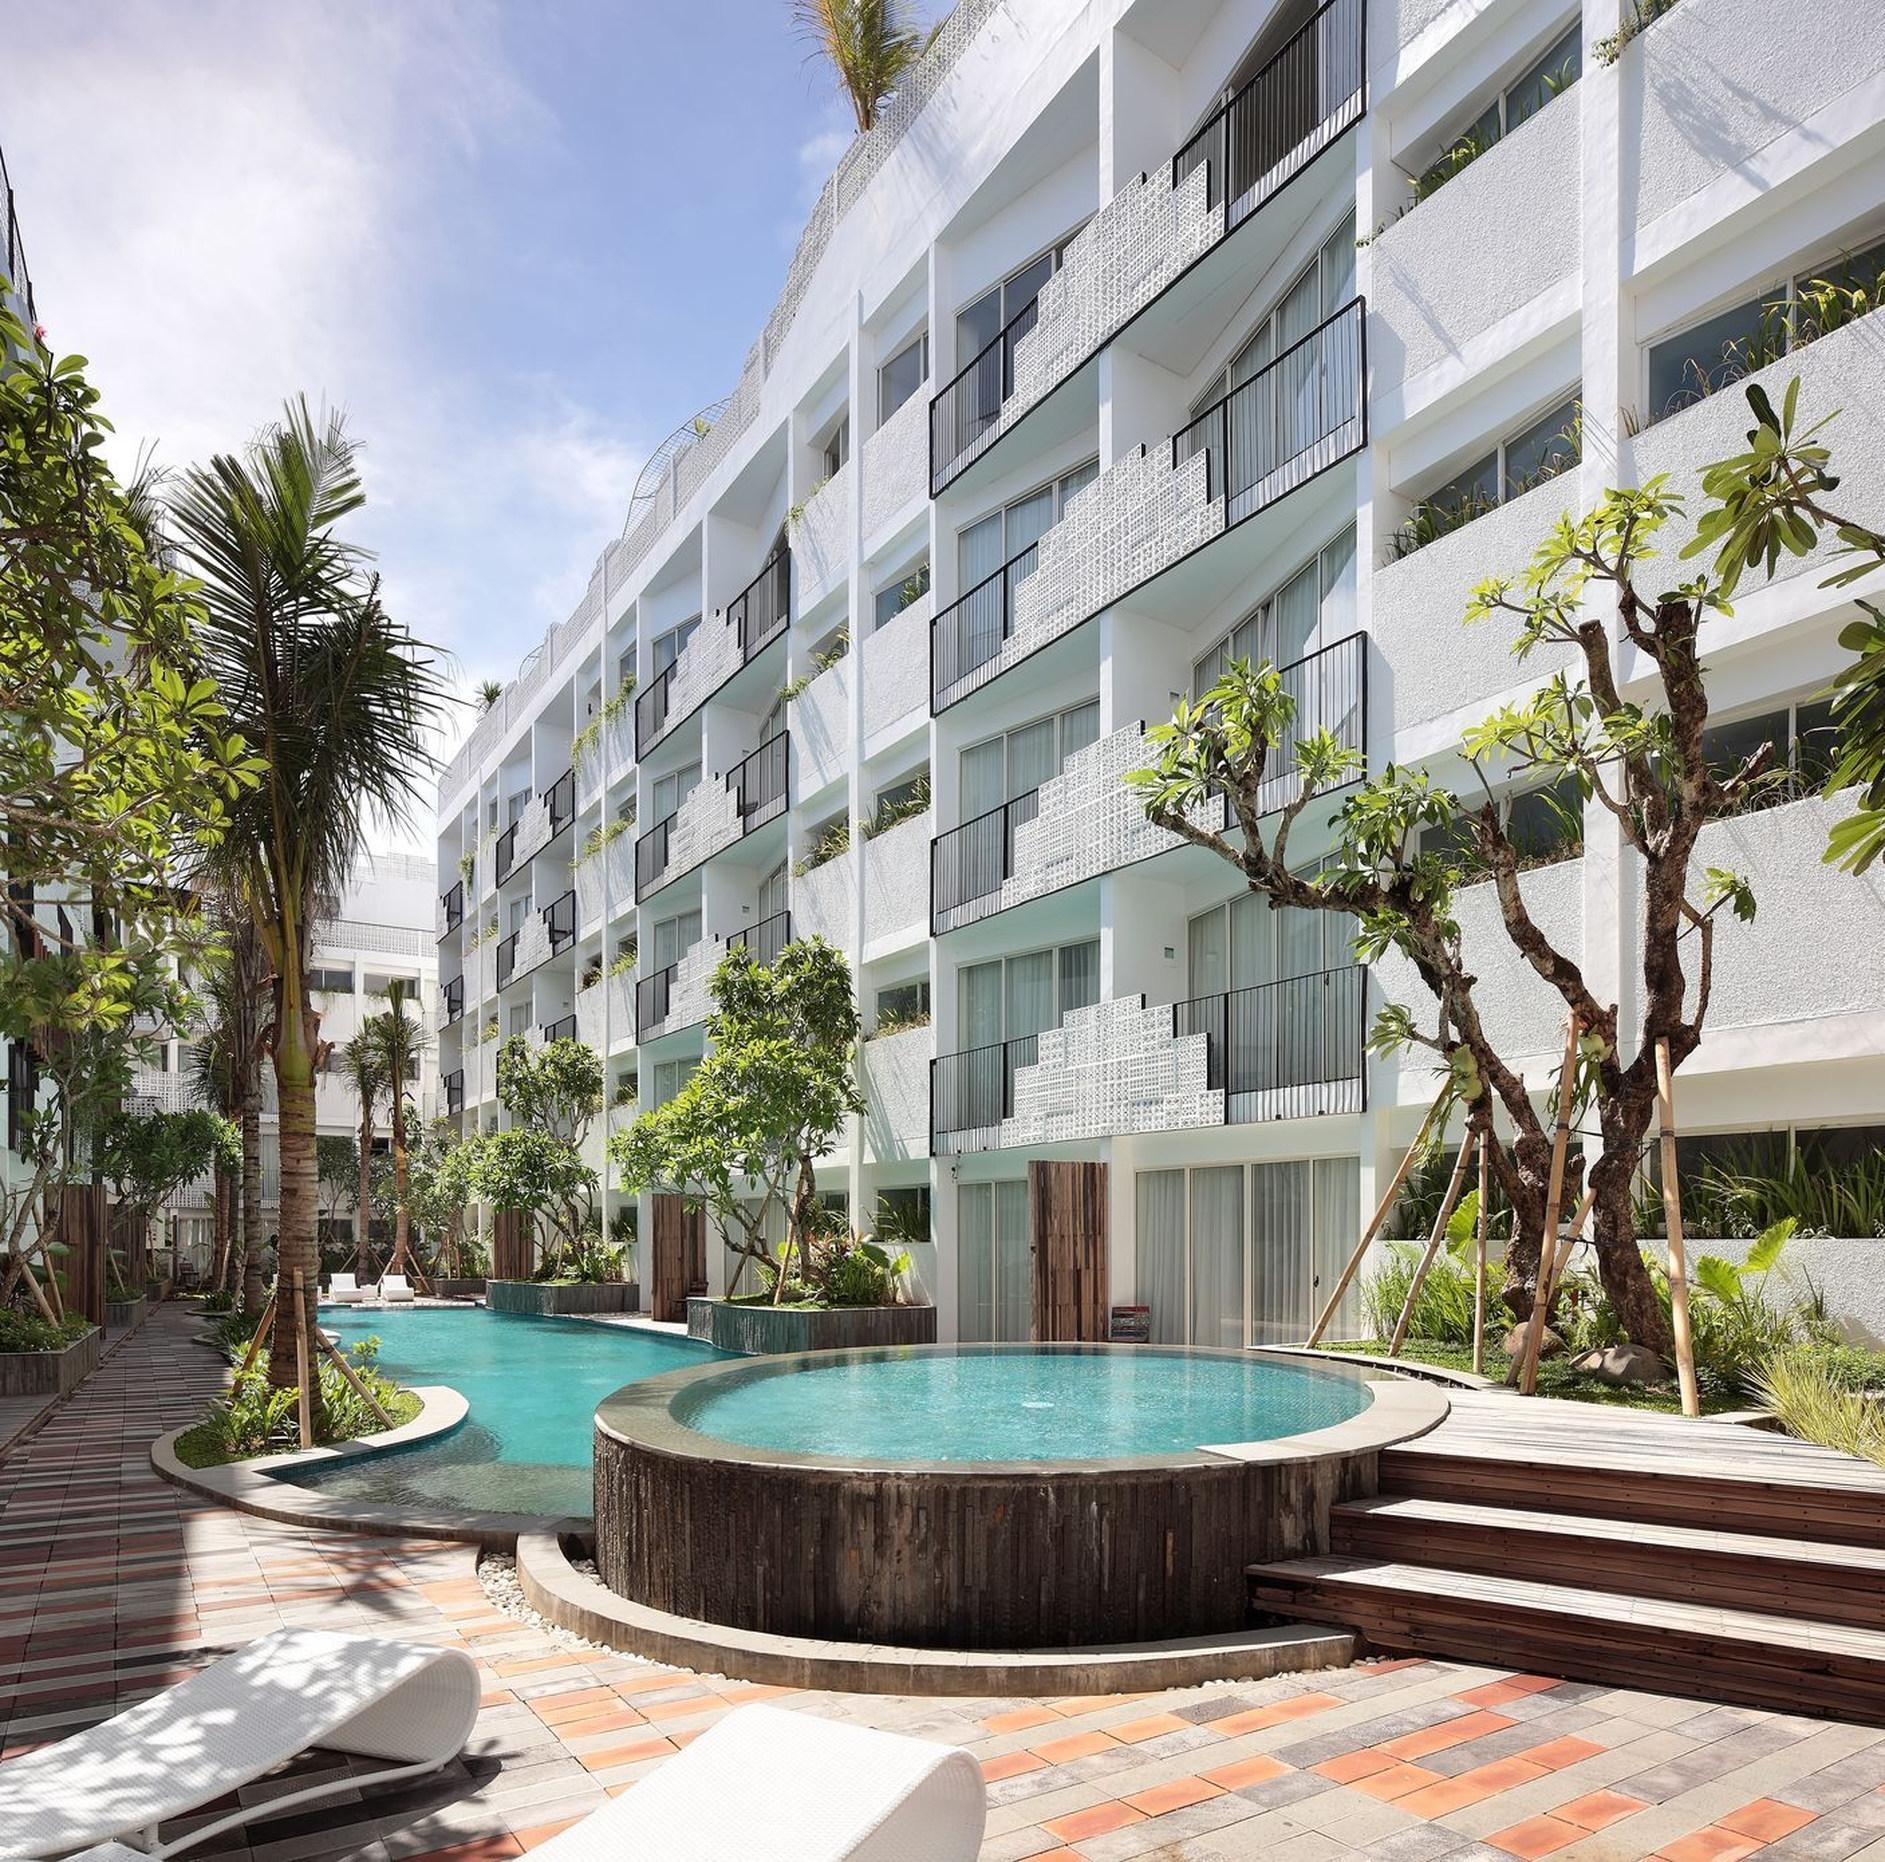 Best Hotels In Bali Tripadvisor: Akmani Legian By TWS Partners